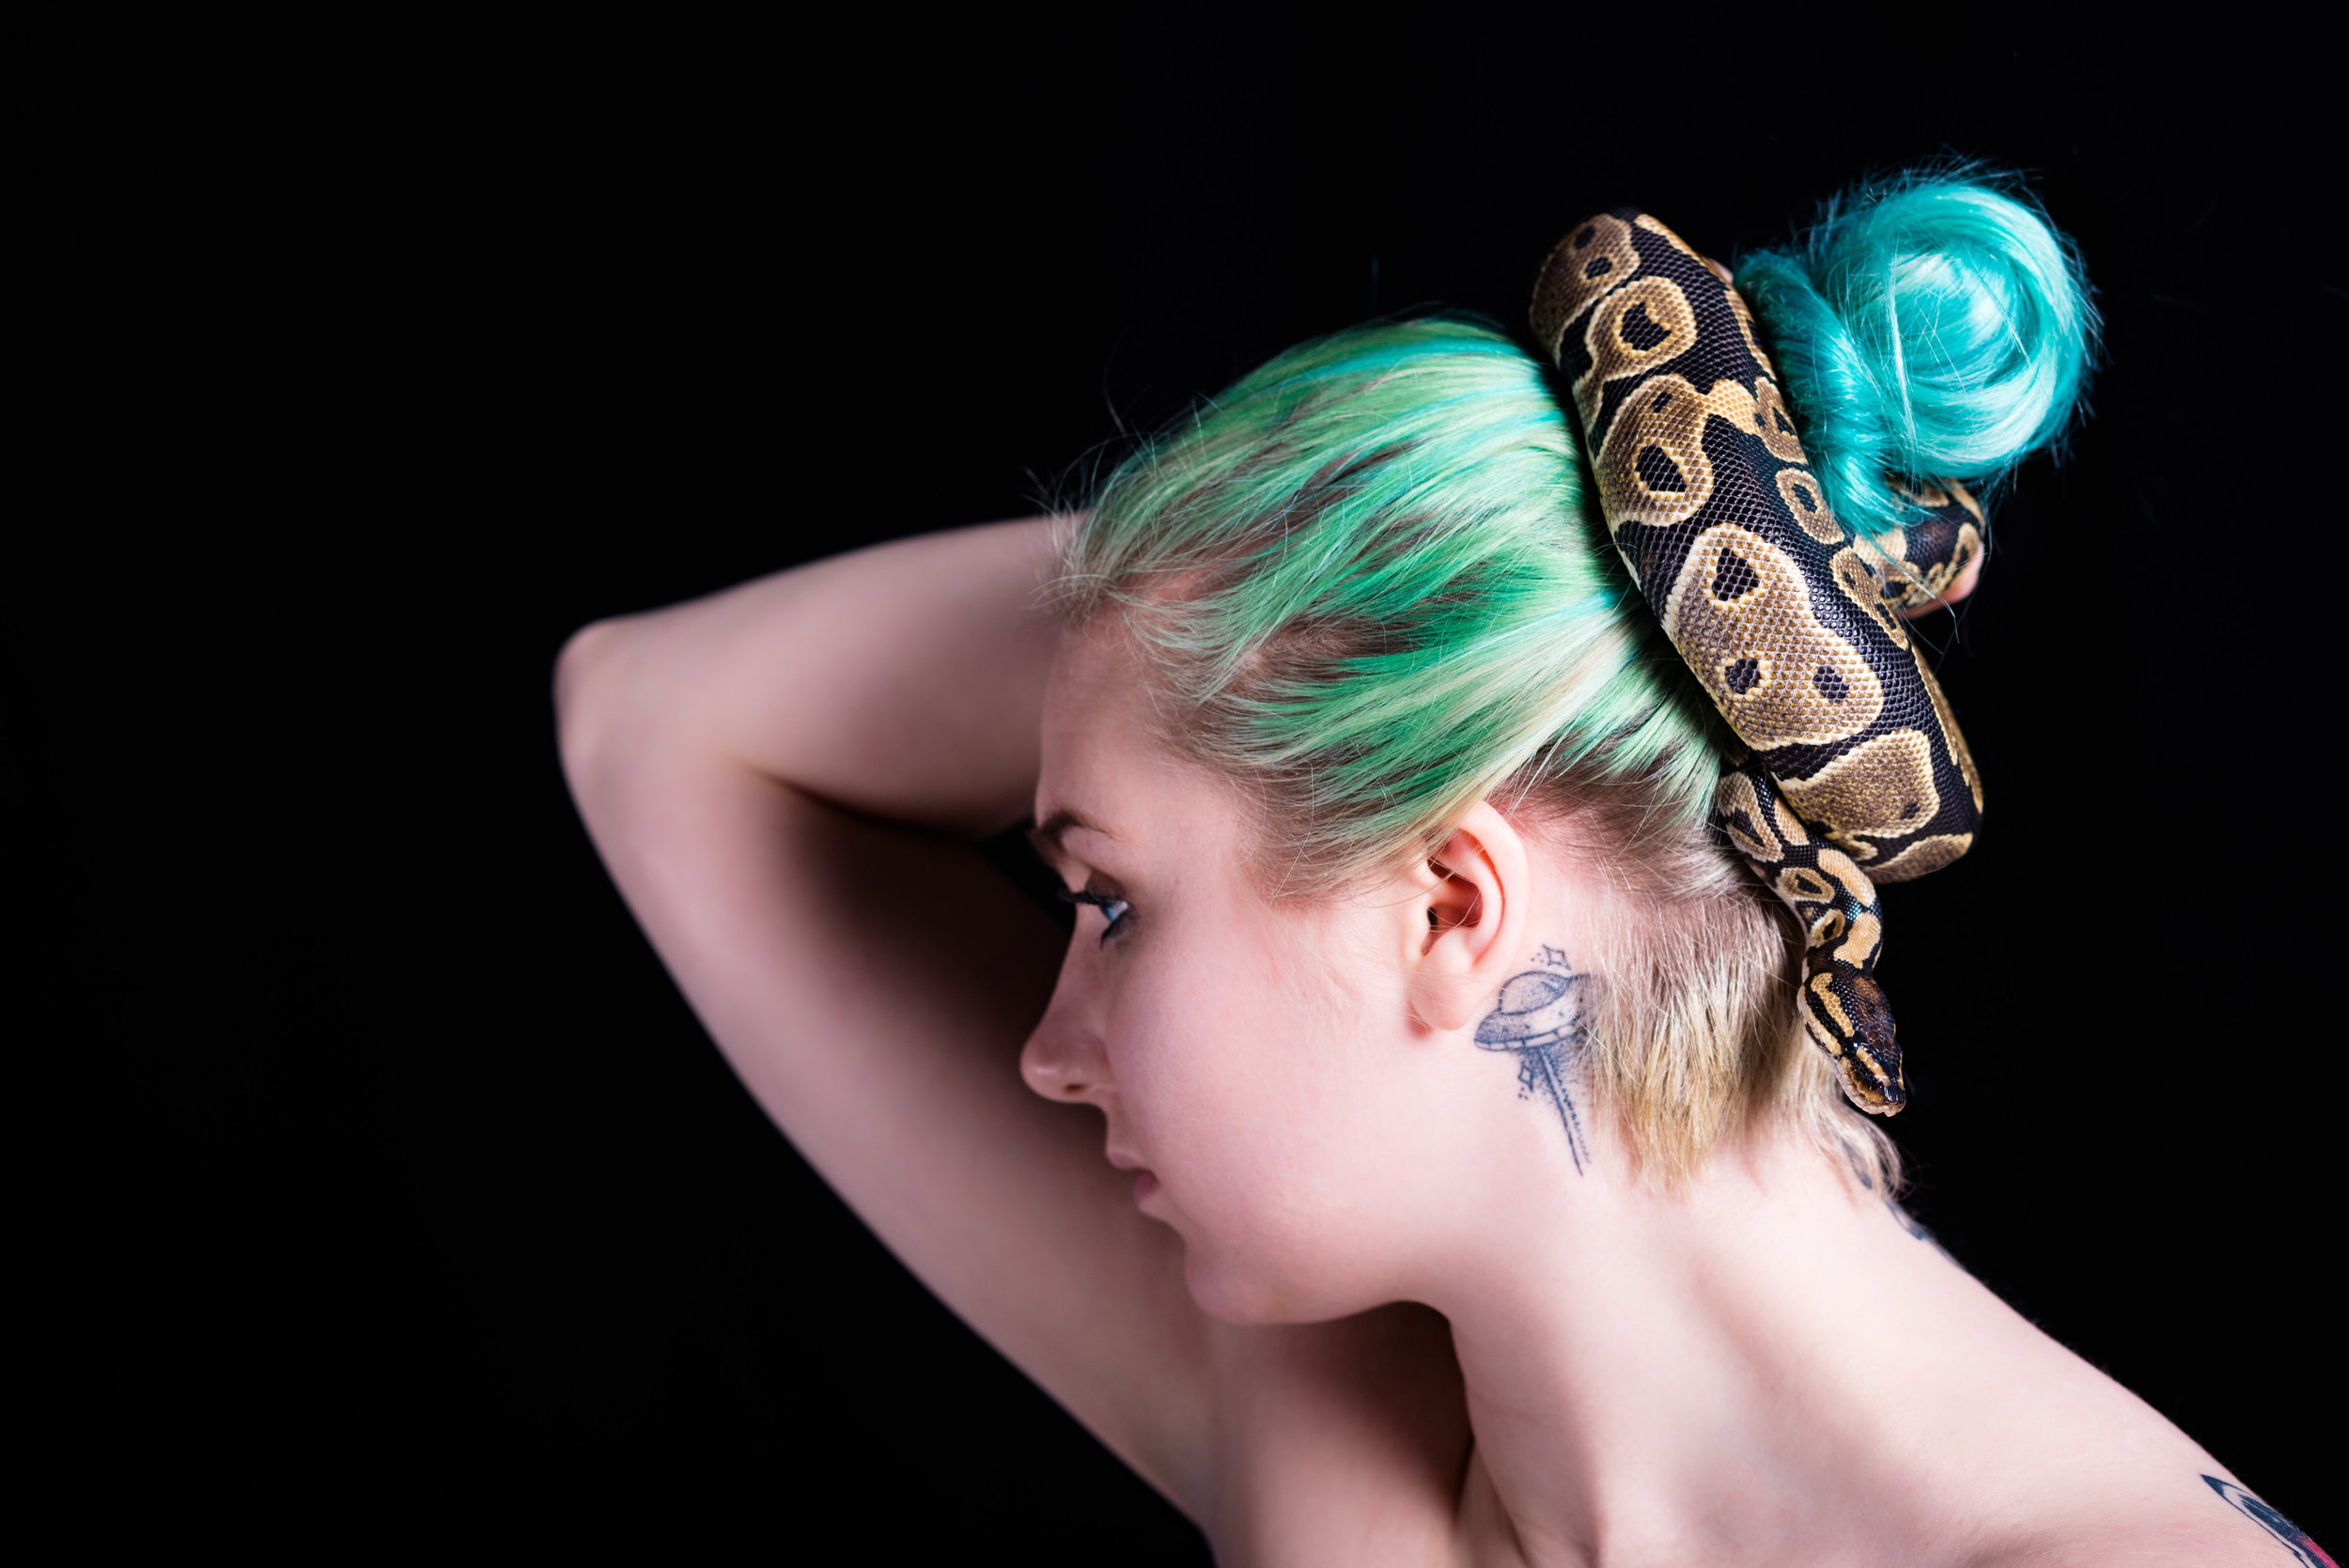 toledo ohio model studio photography-30.jpg